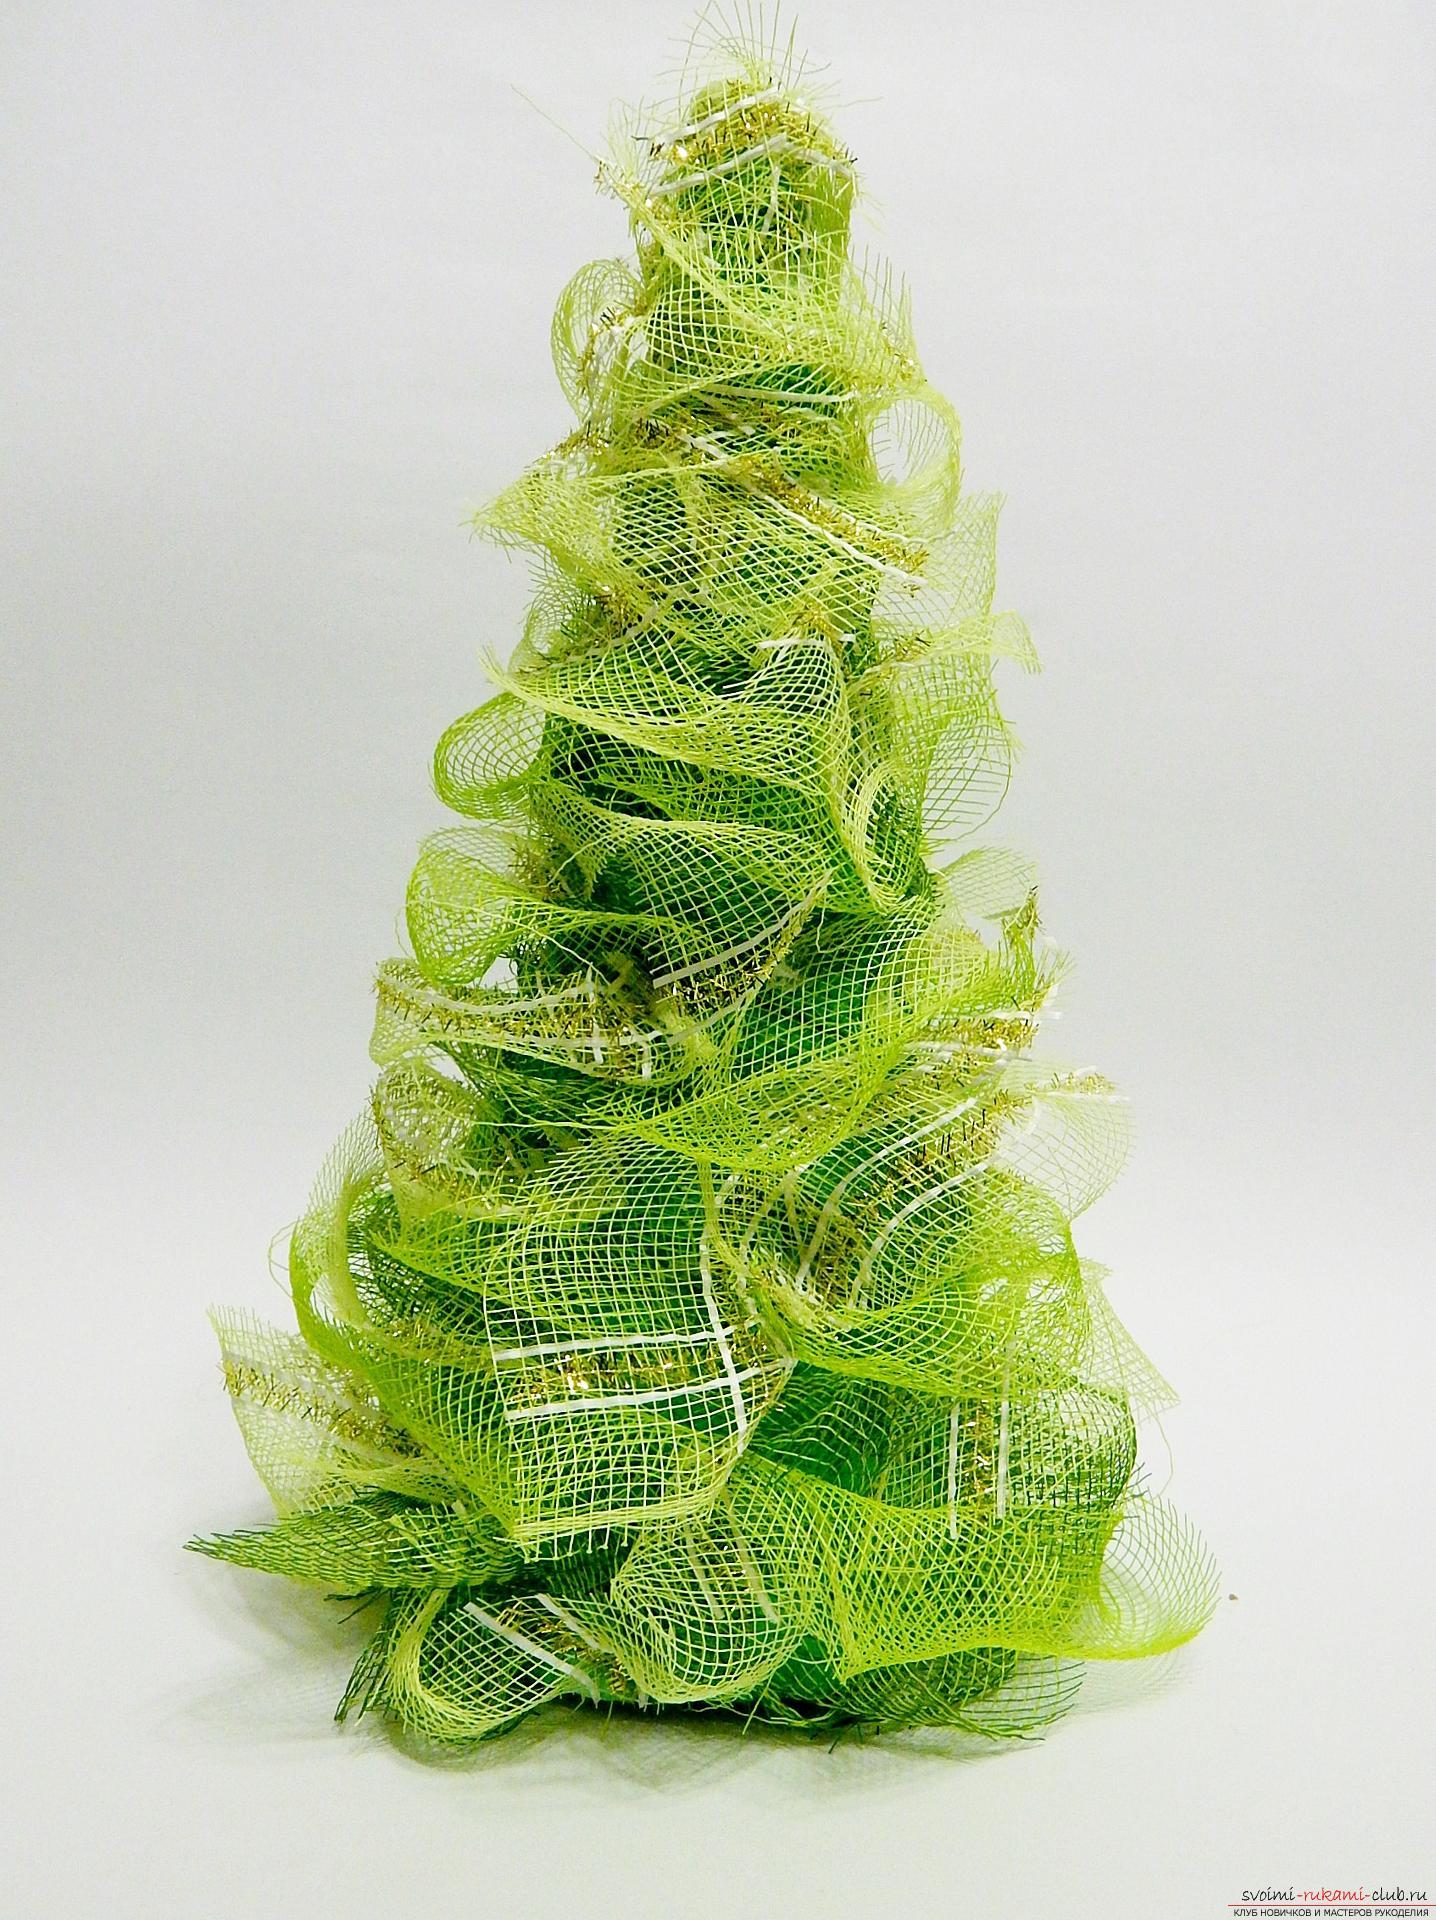 Как сделать елку к Новому году своими руками? Подробный мастер-класс с фото по созданию елки из сетки поможет научится сделать н